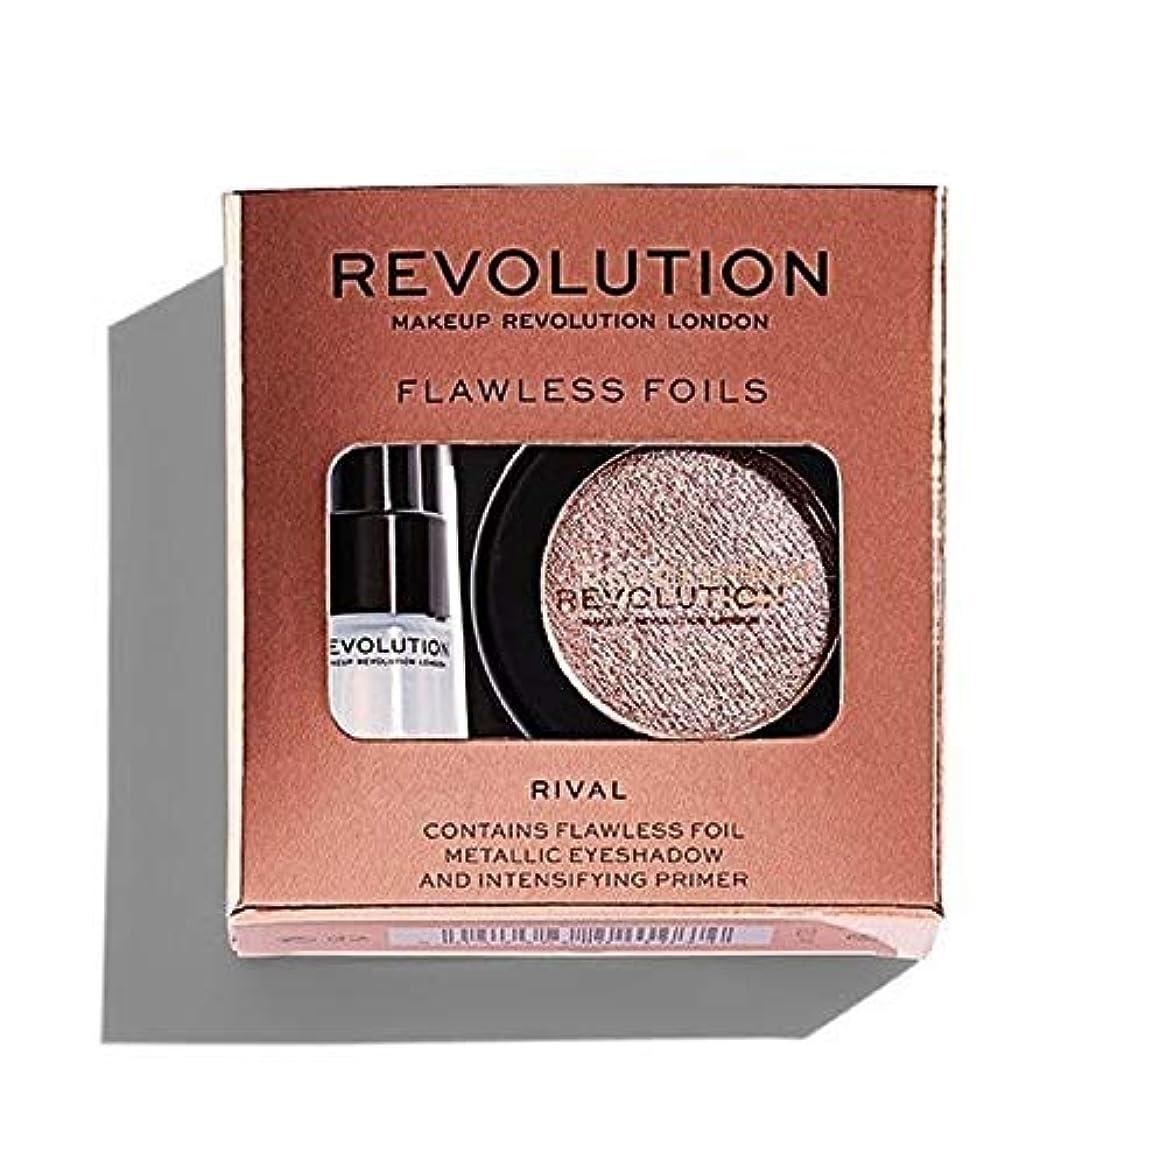 伝記名目上の商品[Revolution ] ライバル革命完璧な箔 - Revolution Flawless Foils Rival [並行輸入品]